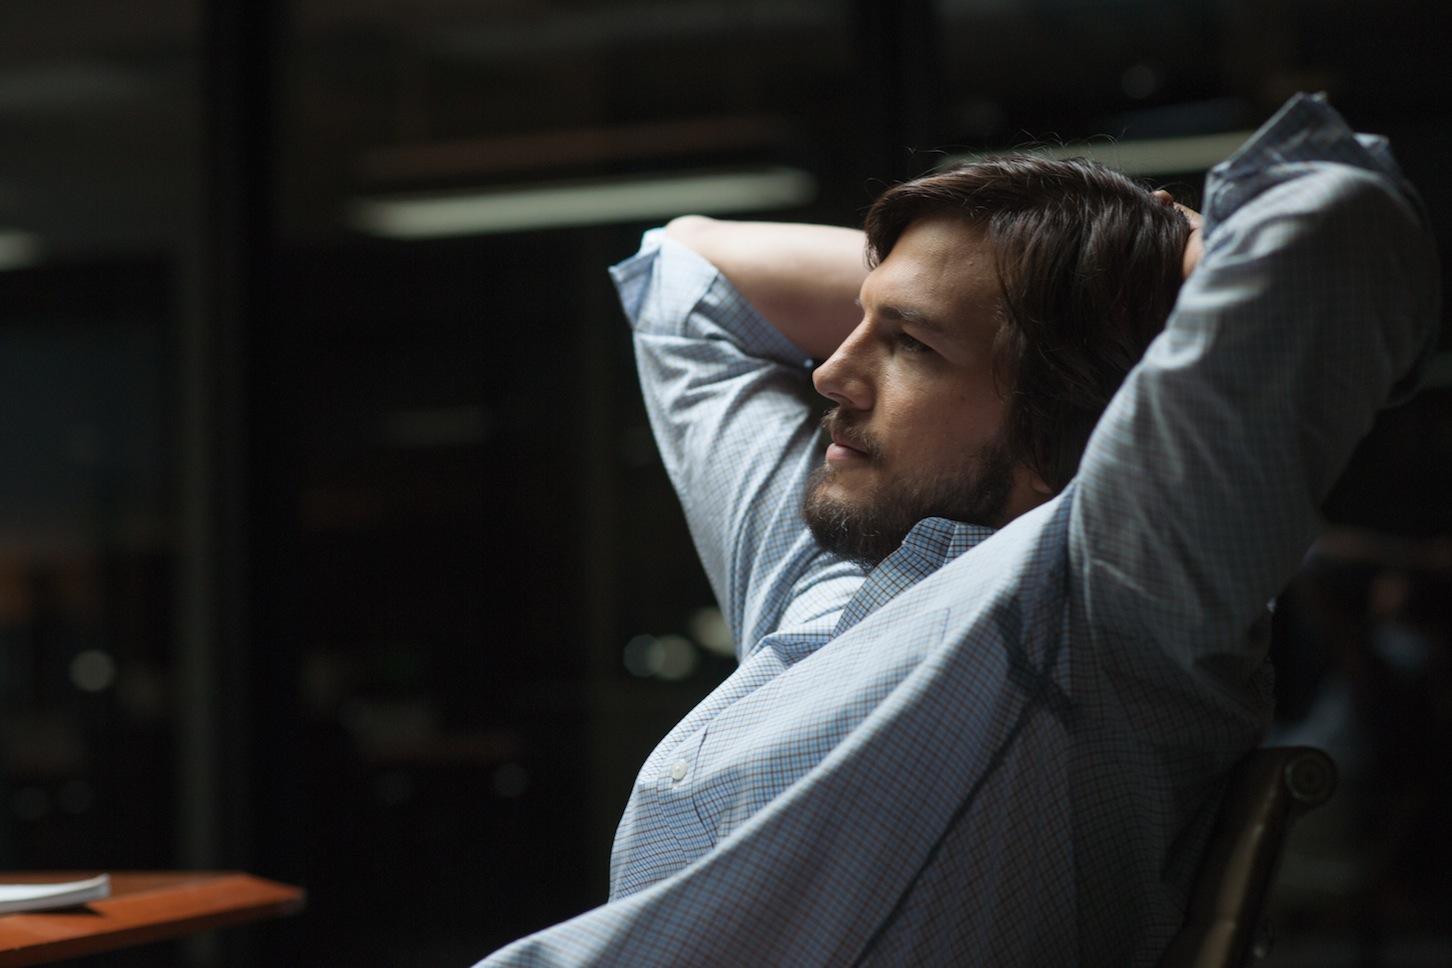 Ashton Kutcher as Steve Jobs in